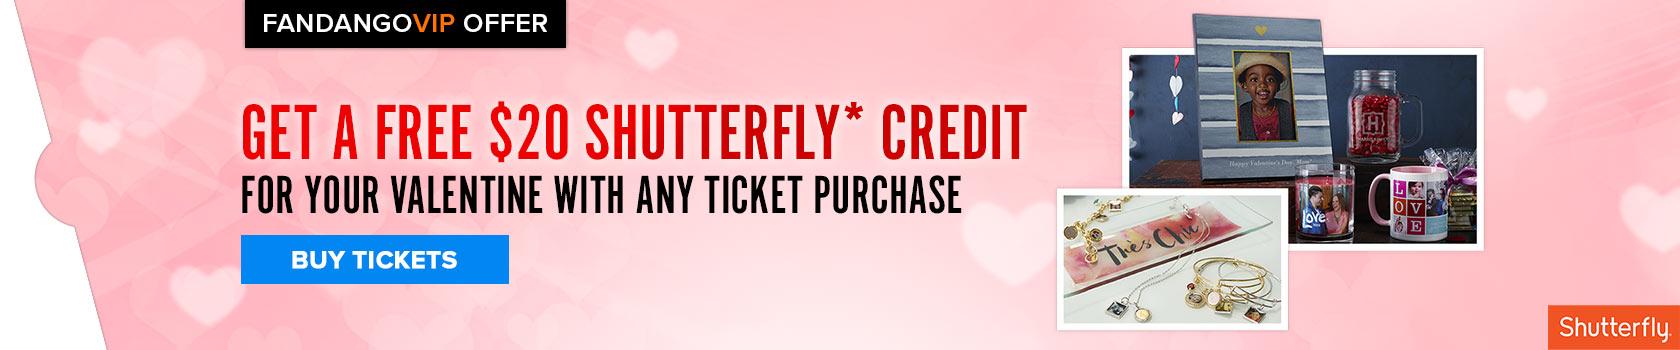 Fandango Shutterfly Sitewide Free Gift